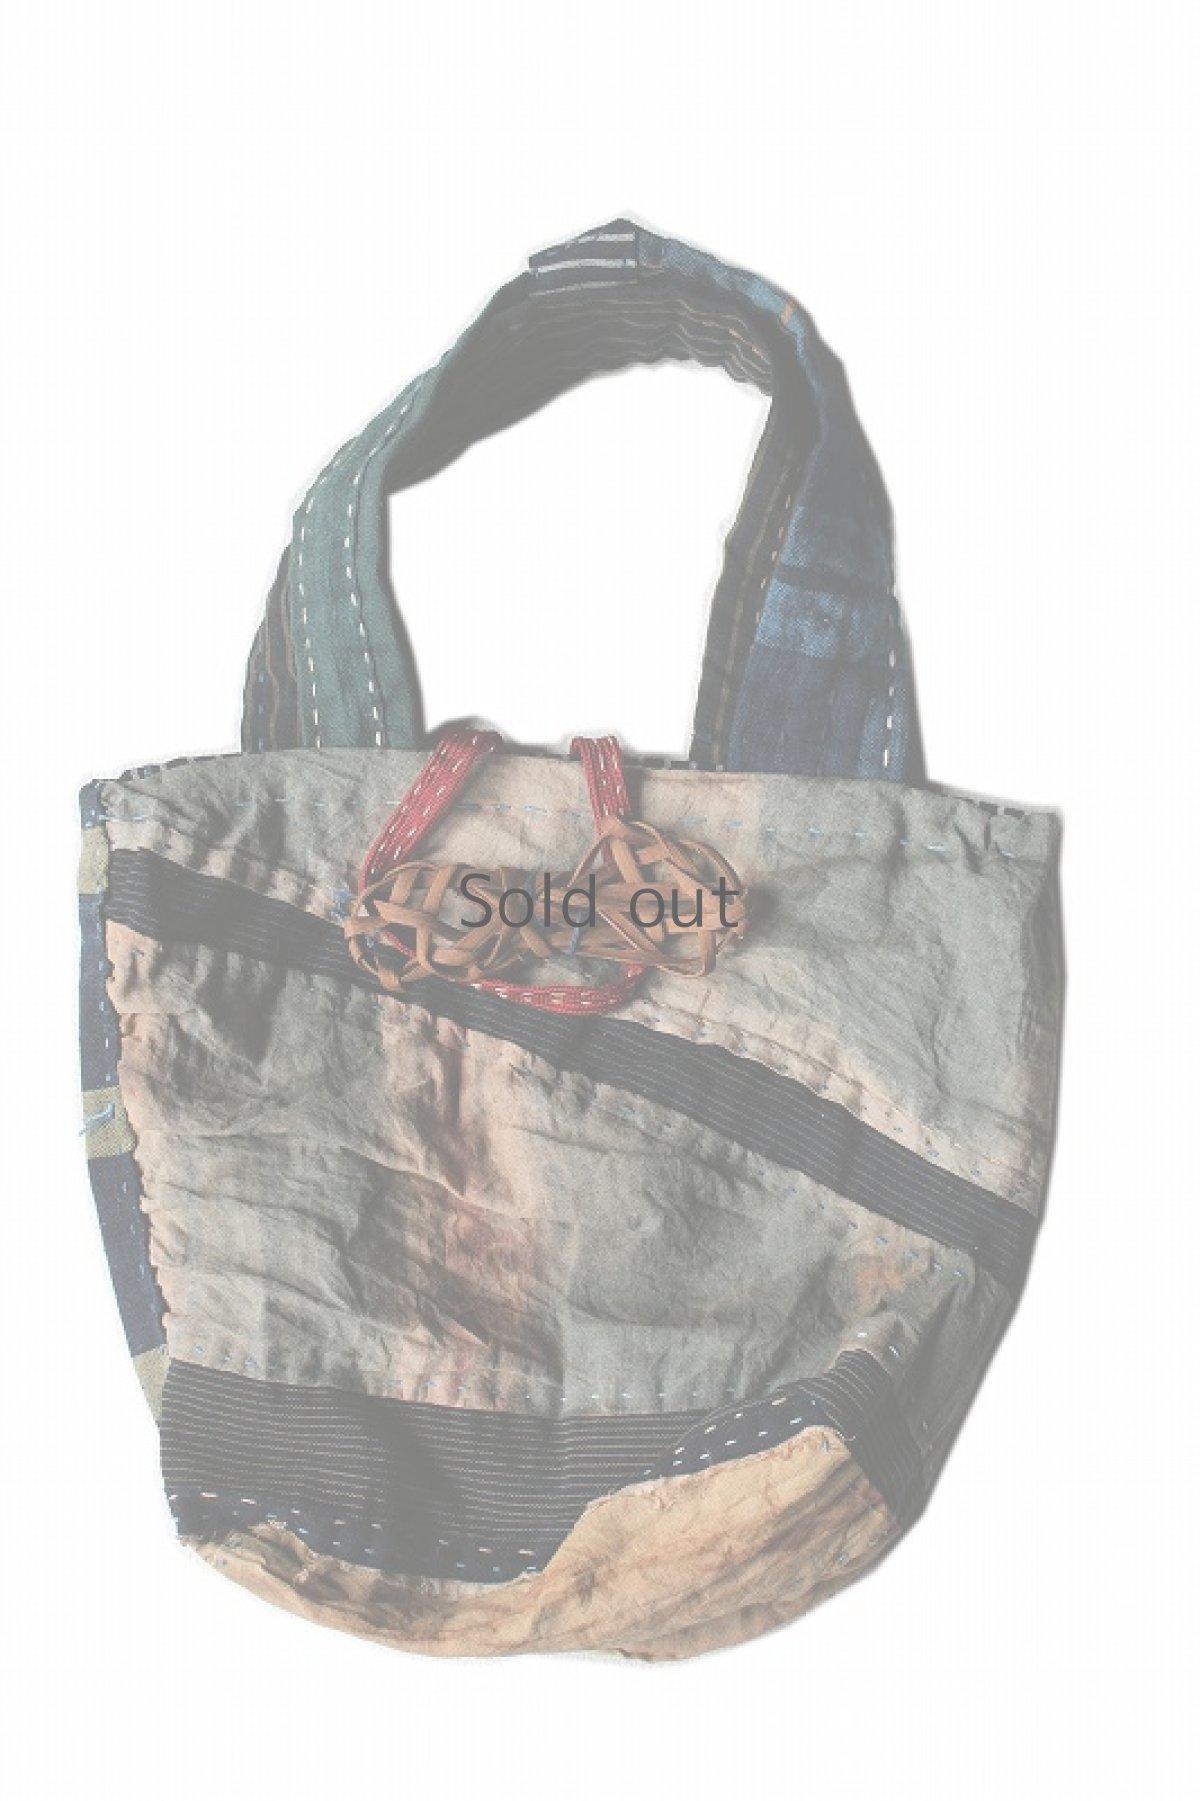 画像1: 【桃雪】柿渋古布 木綿つぎはぎのトートバッグ(留め具:葡萄のつる) (1)